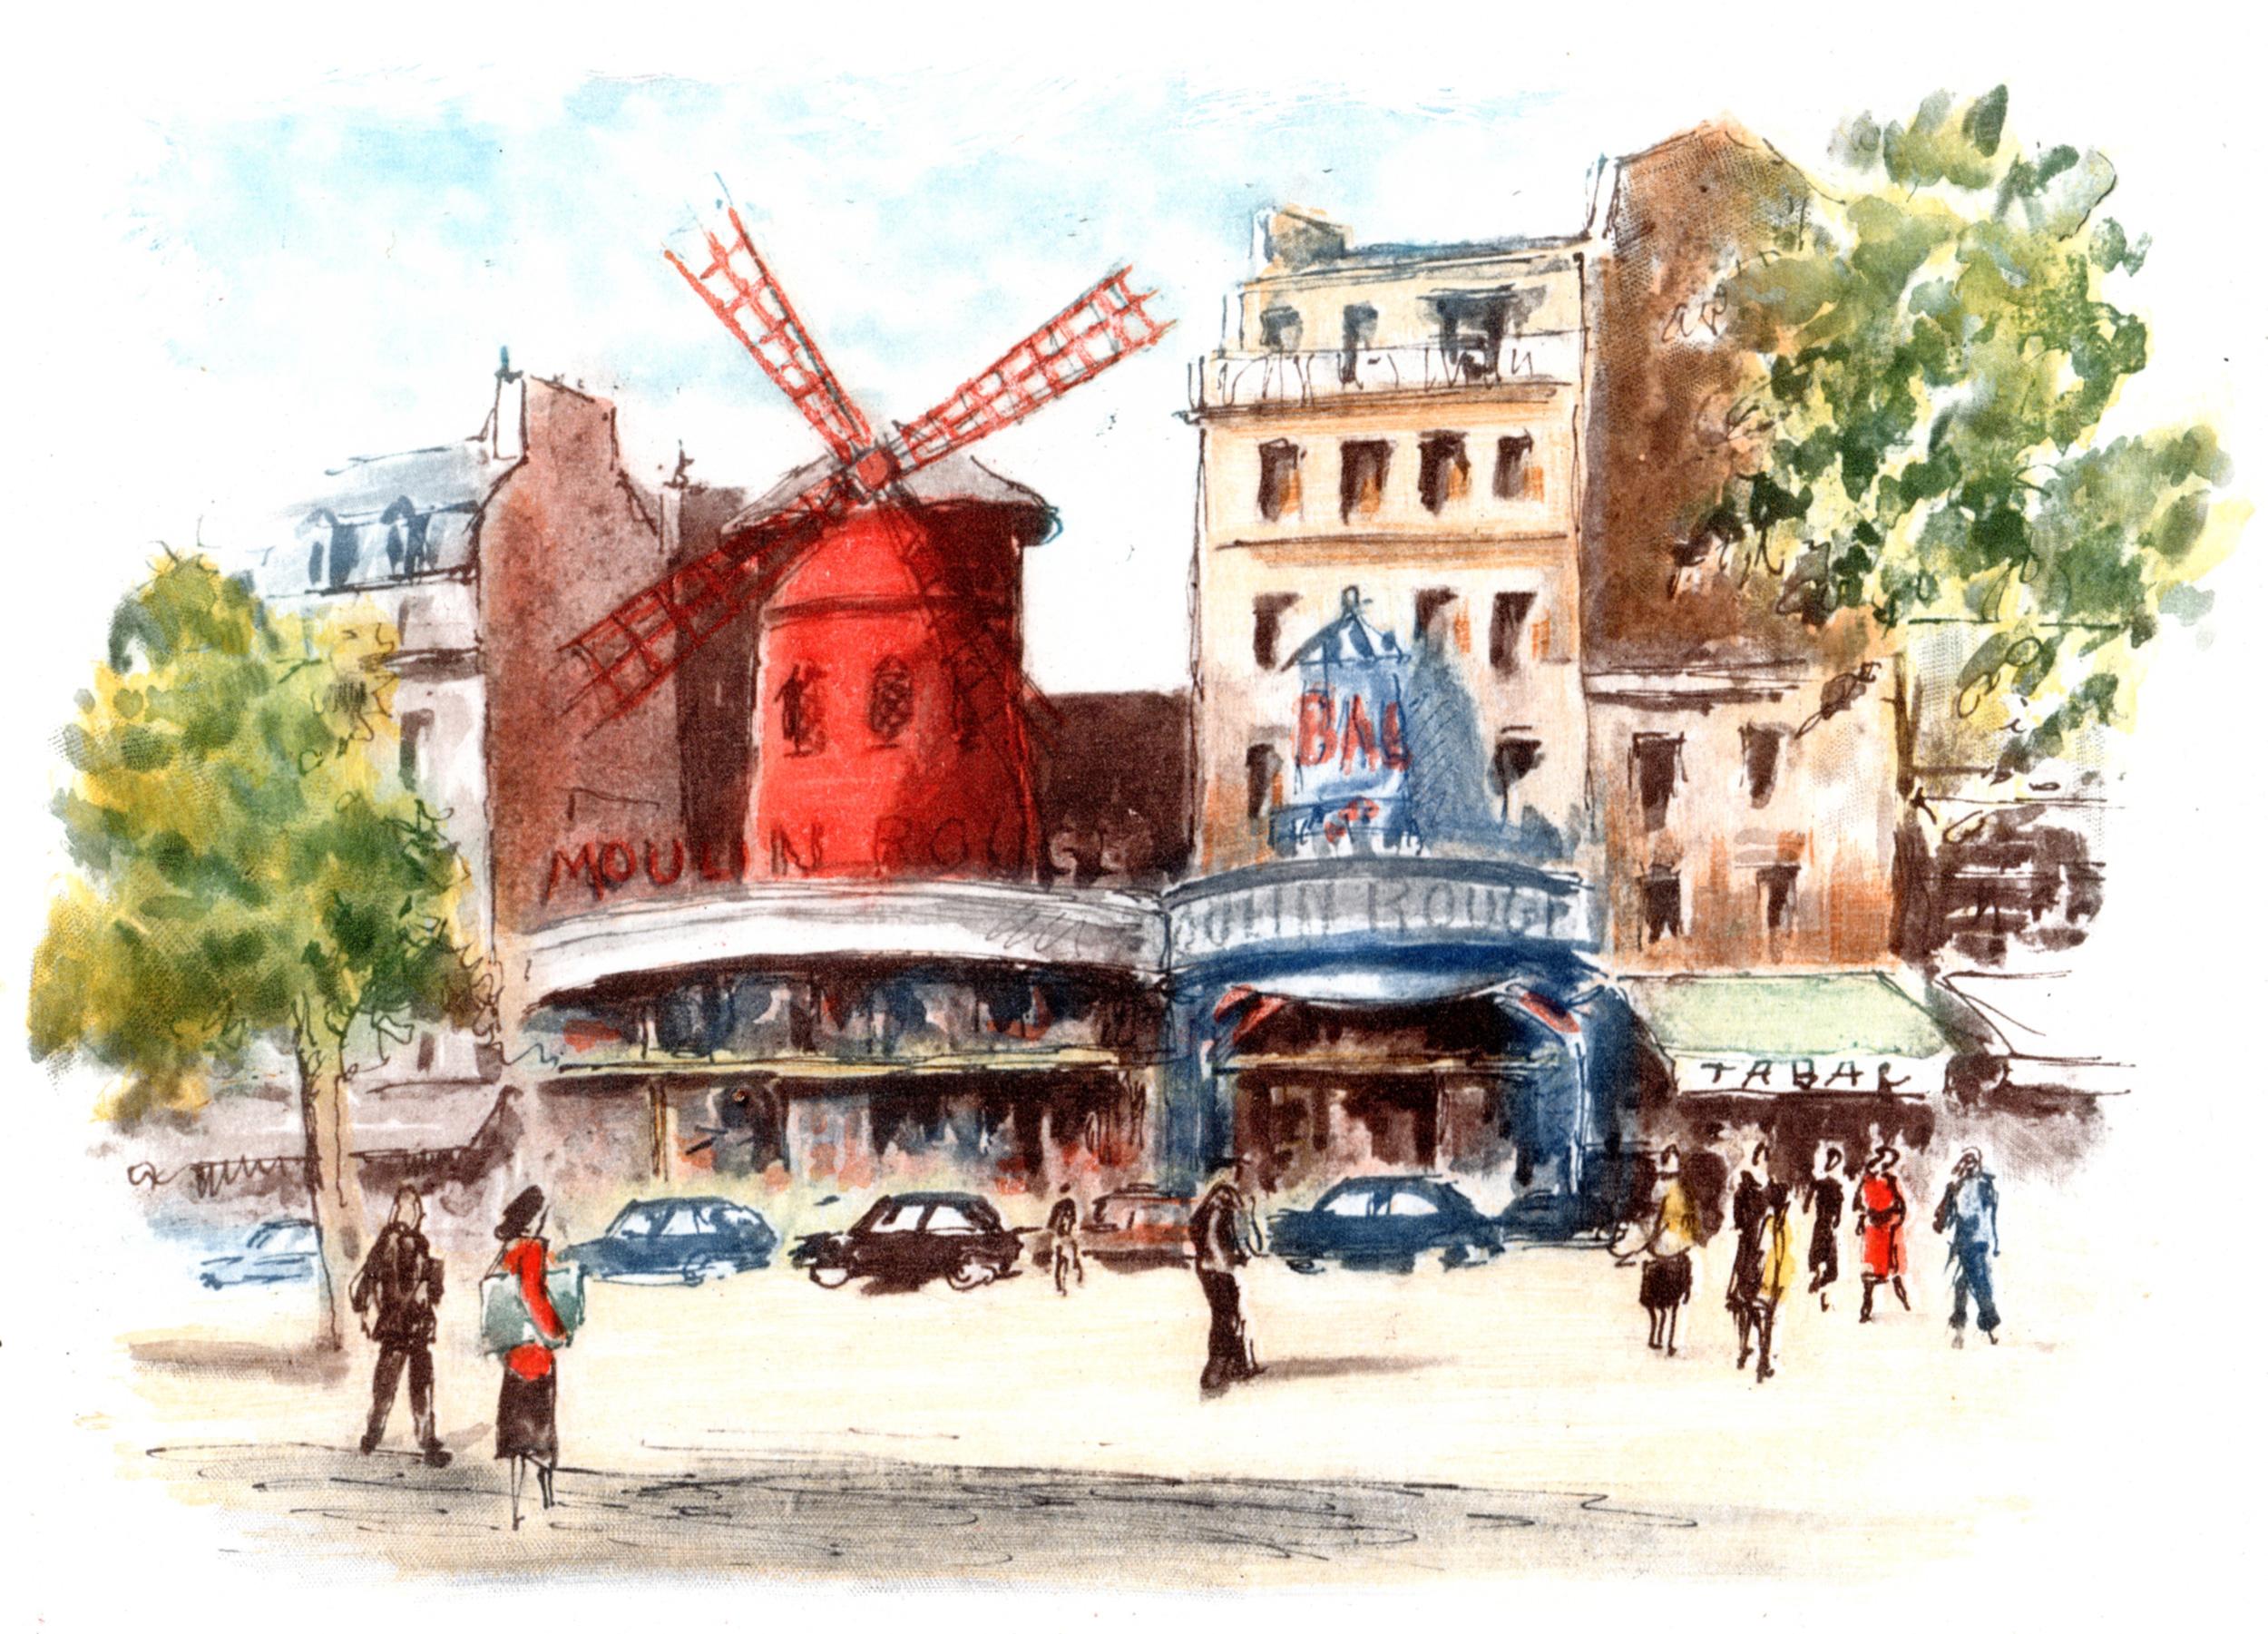 Paris, France vintage color etchings